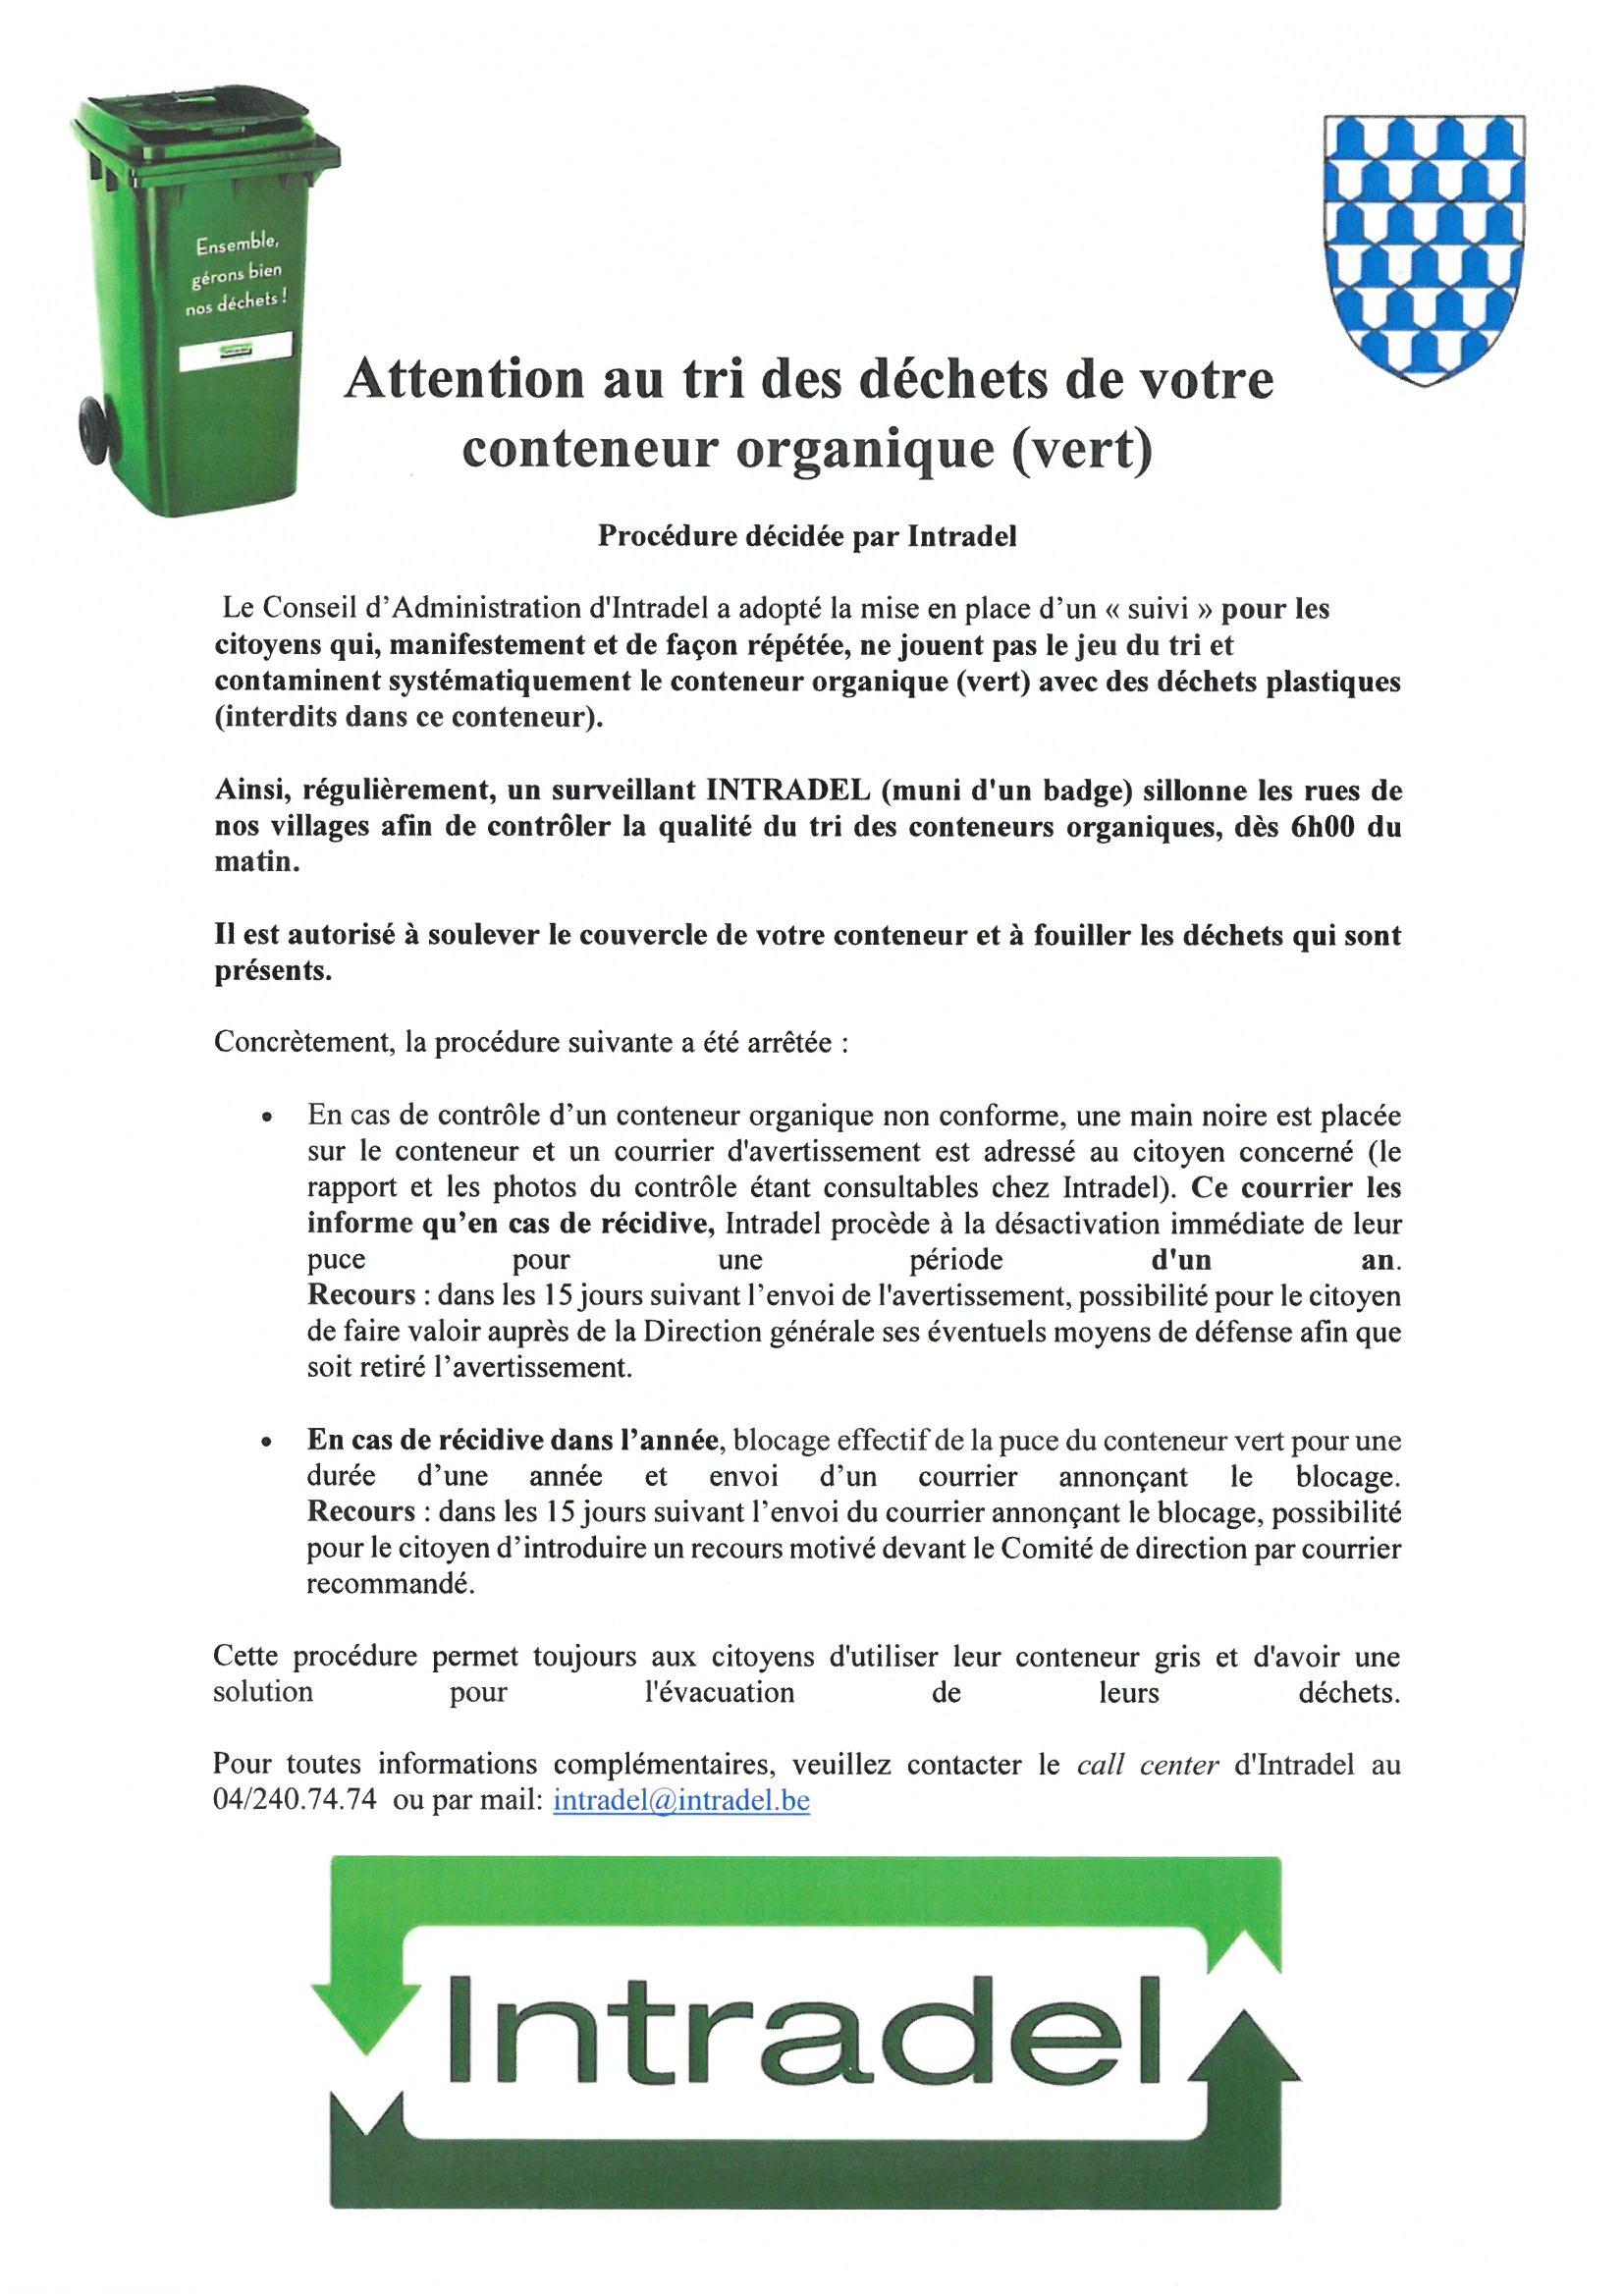 Attention au tri des déchets de votre conteneur organique (vert)